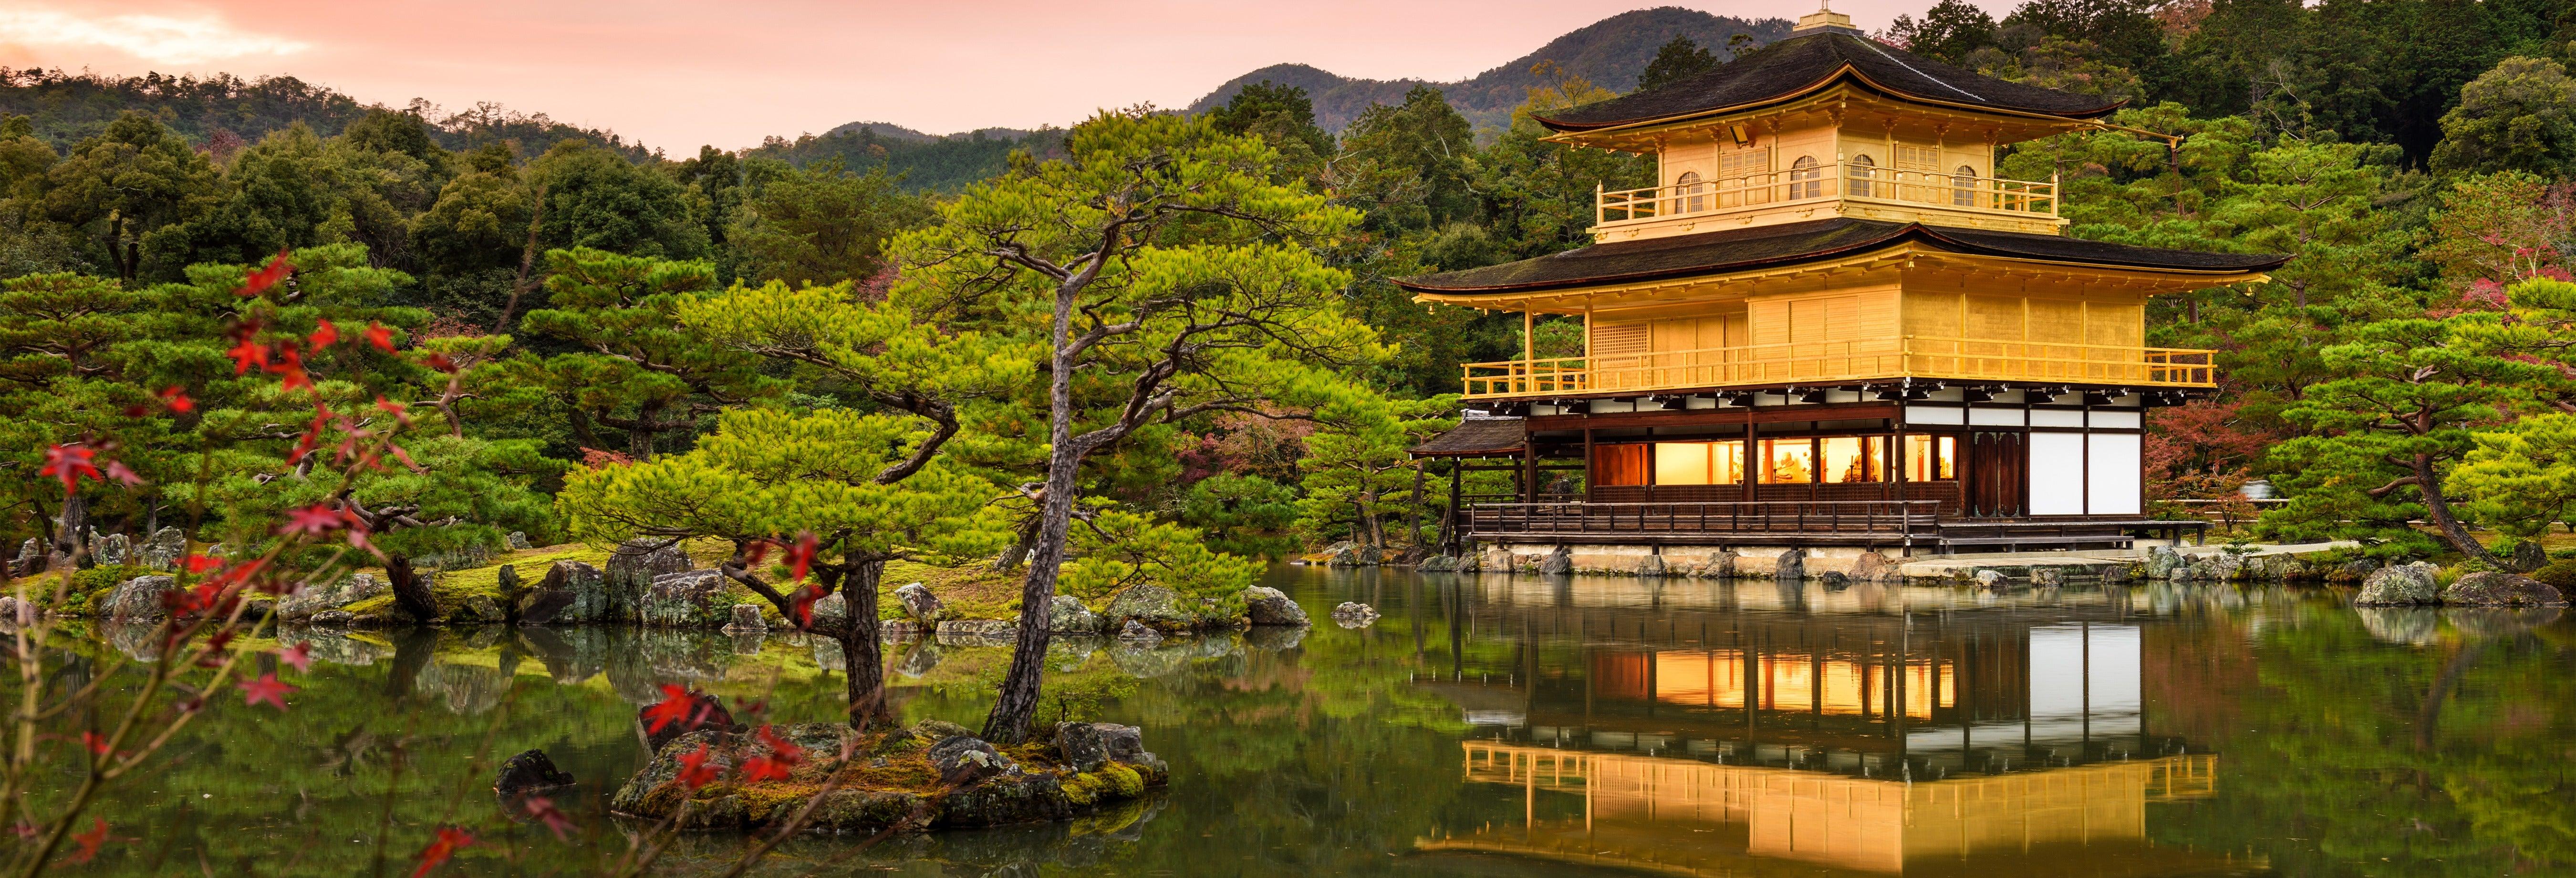 Excursión privada a Kioto